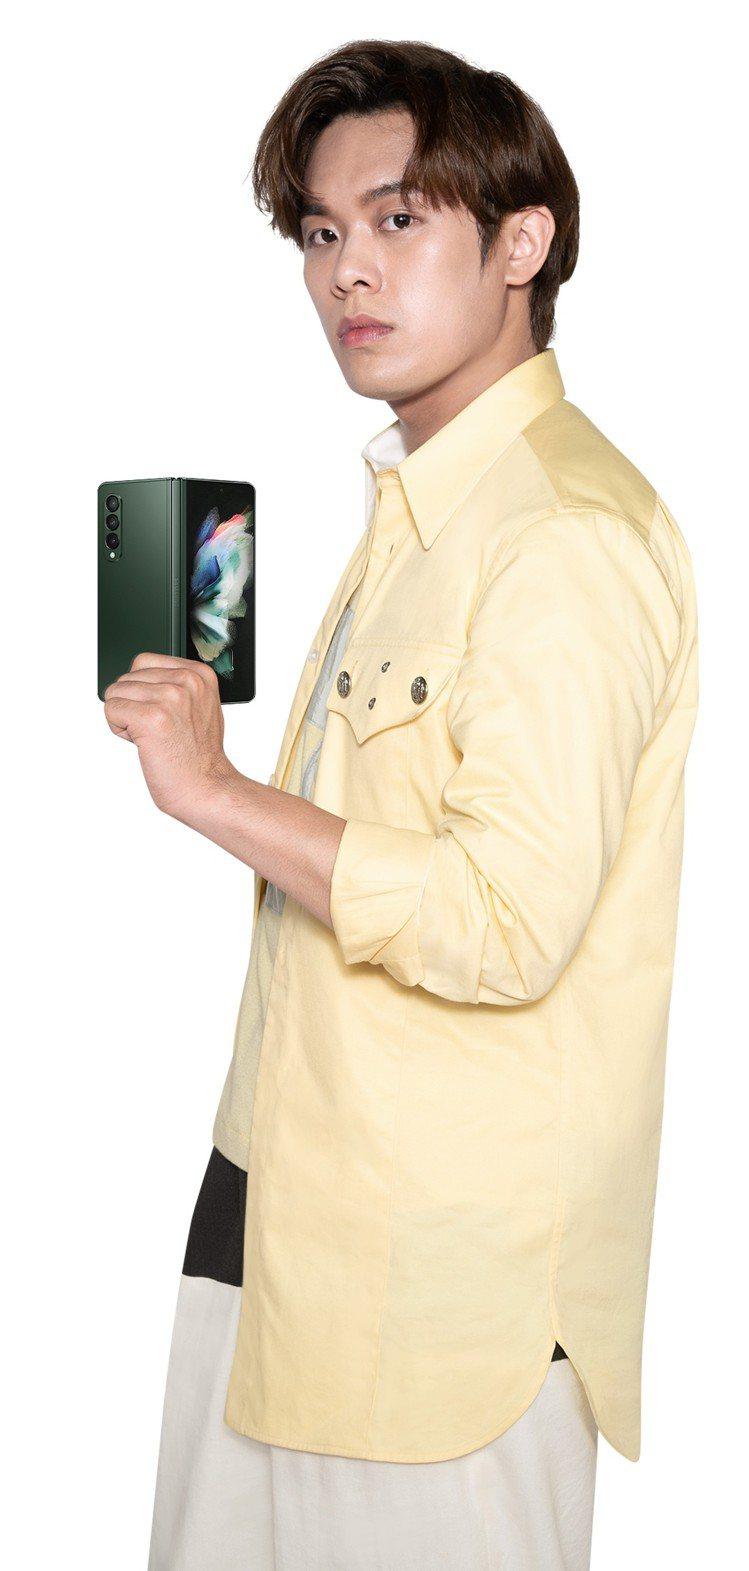 告五人雲安表示Samsung Galaxy Z Fold3 5G支援S Pen,...